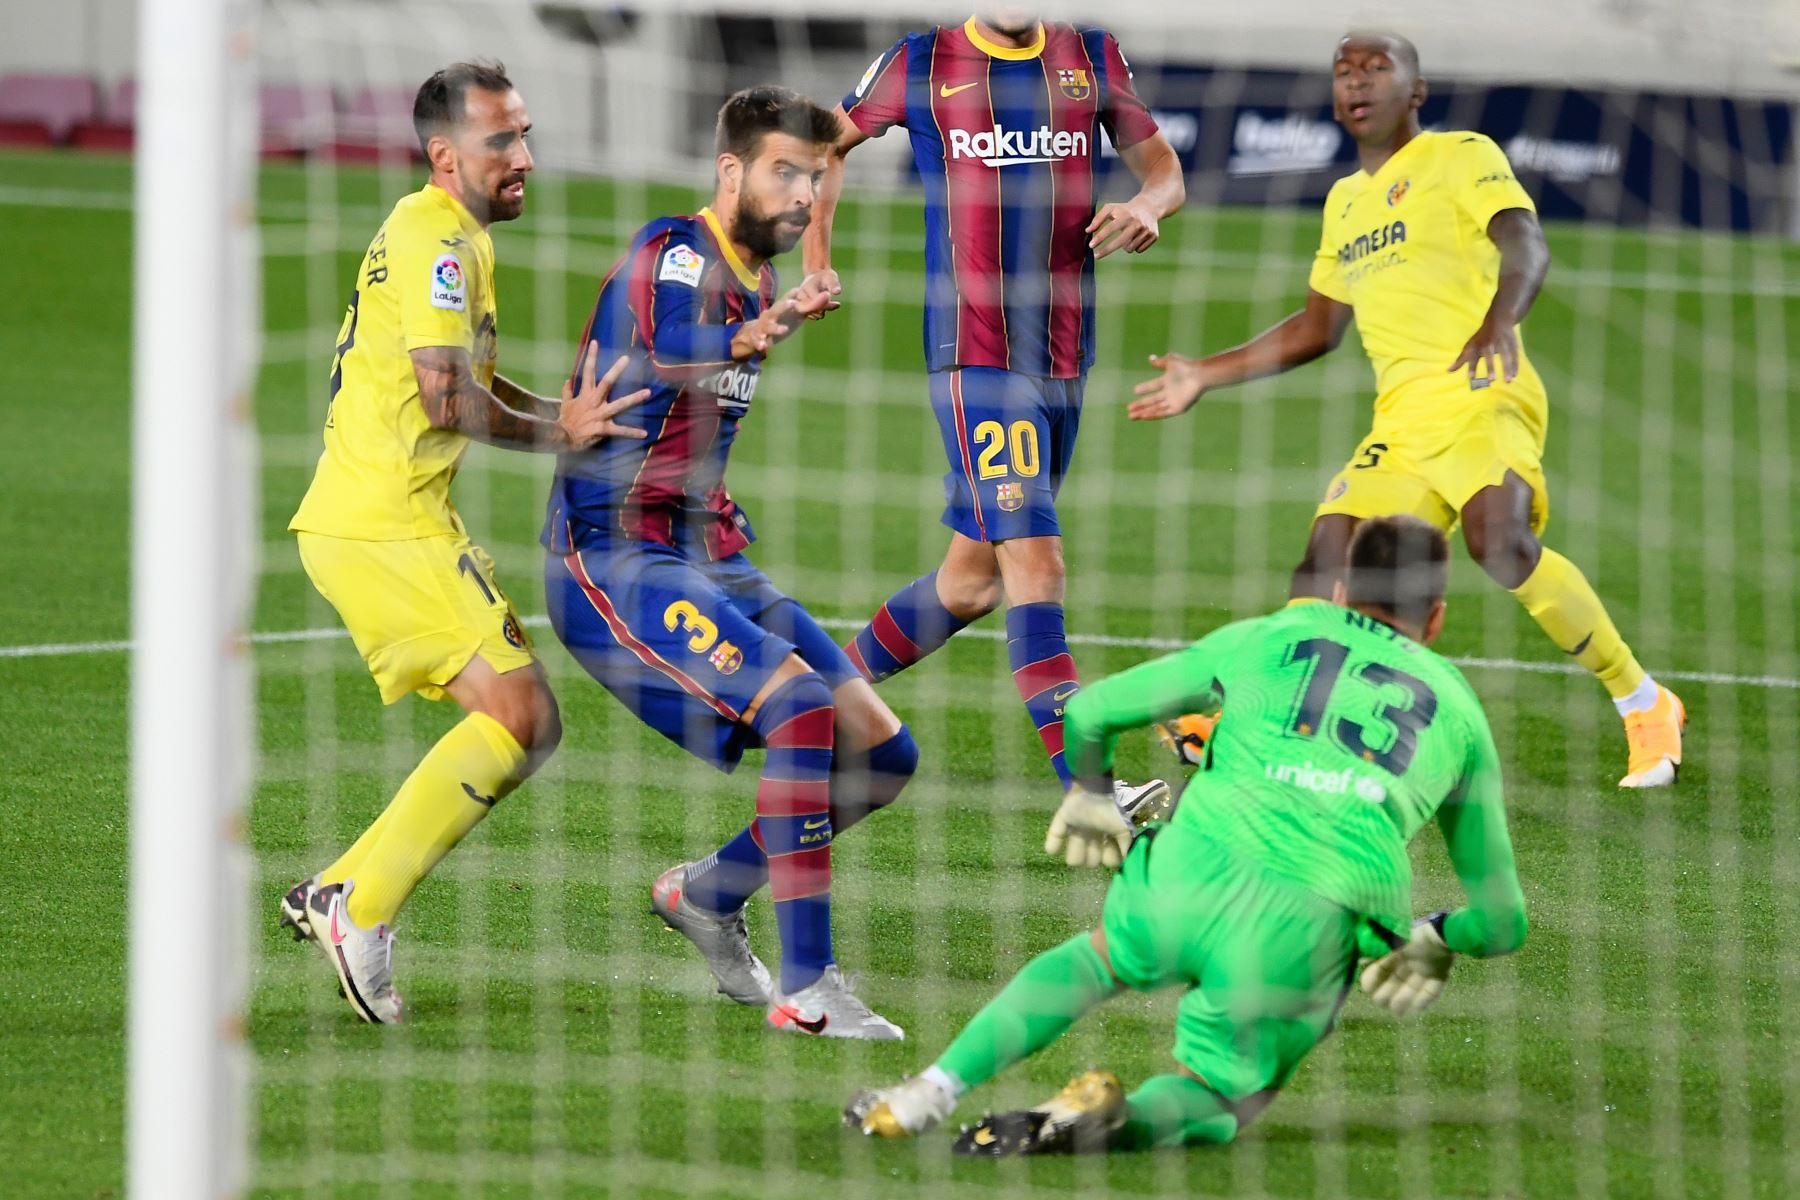 El delantero español del Villarreal, Paco Alcacer, desafía al defensa español del Barcelona, Gerard Piqué, durante el partido de fútbol de la liga española FC. Foto: AFP